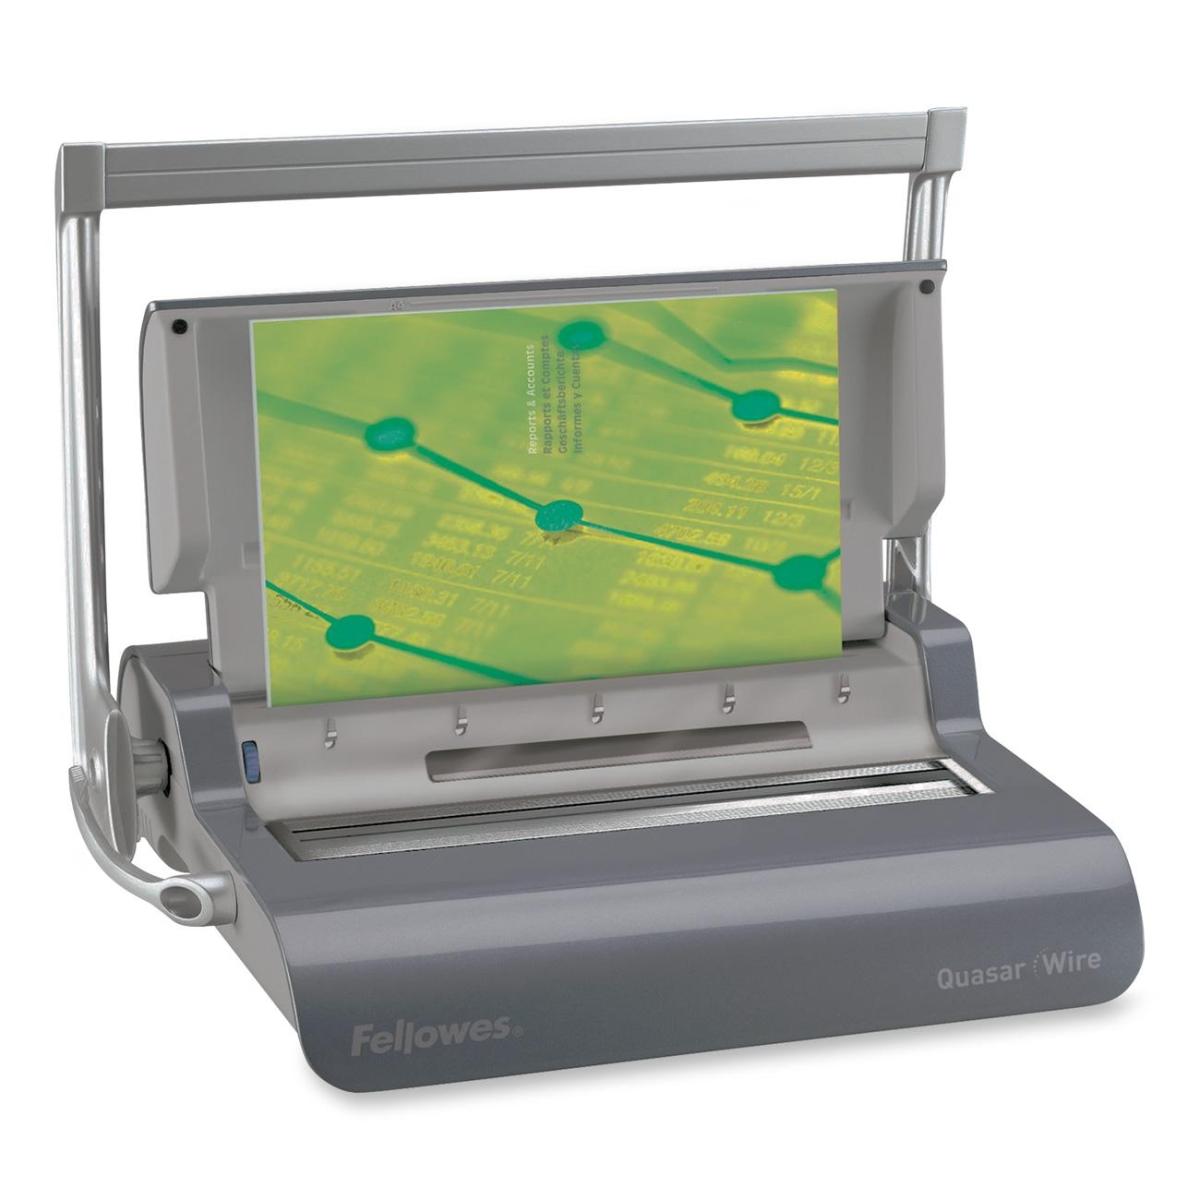 Quasar Manual Wire Binding Machine - WireBind - 130 Sheet(s) Bind - 15 Punch - 5.1 inch x 18.1 inch x 15.4 inch - Metallic Gray